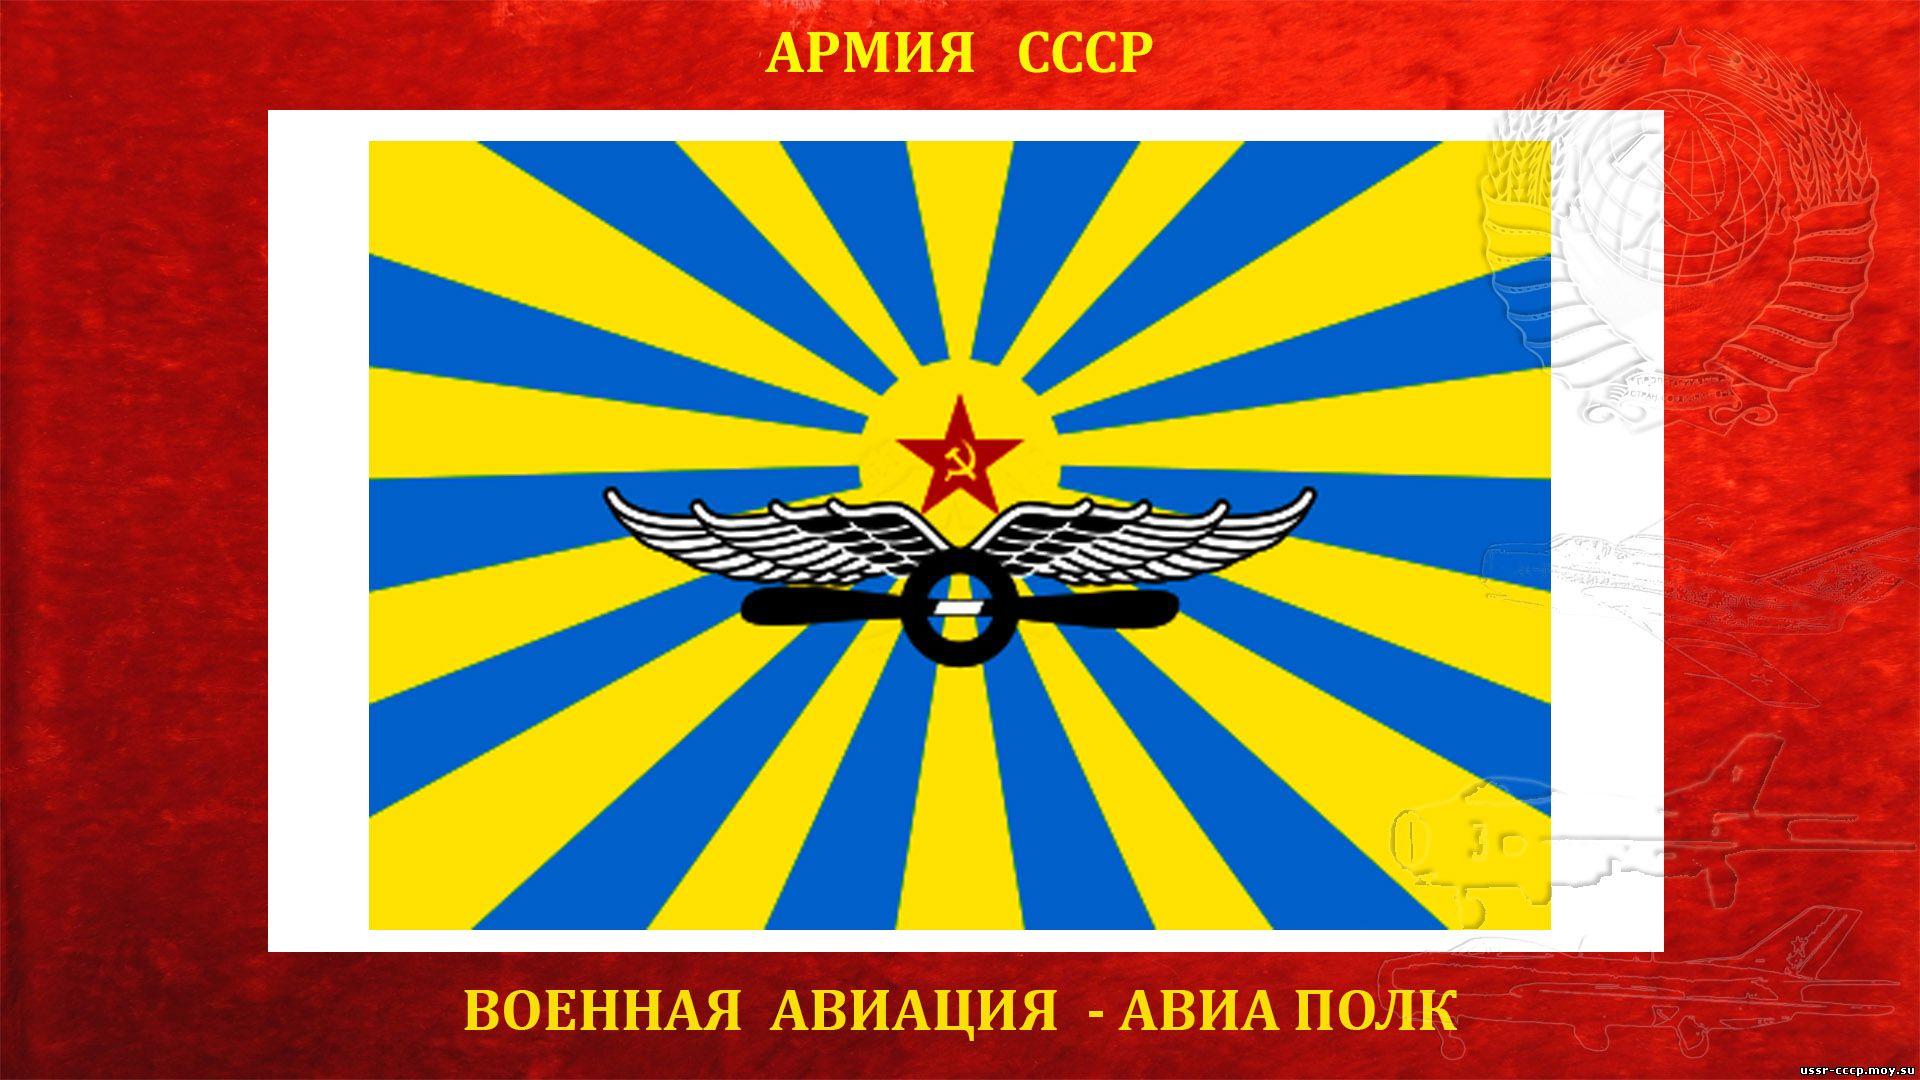 33-й истребительный авиационный полк ПВО СССР (полное повествование)